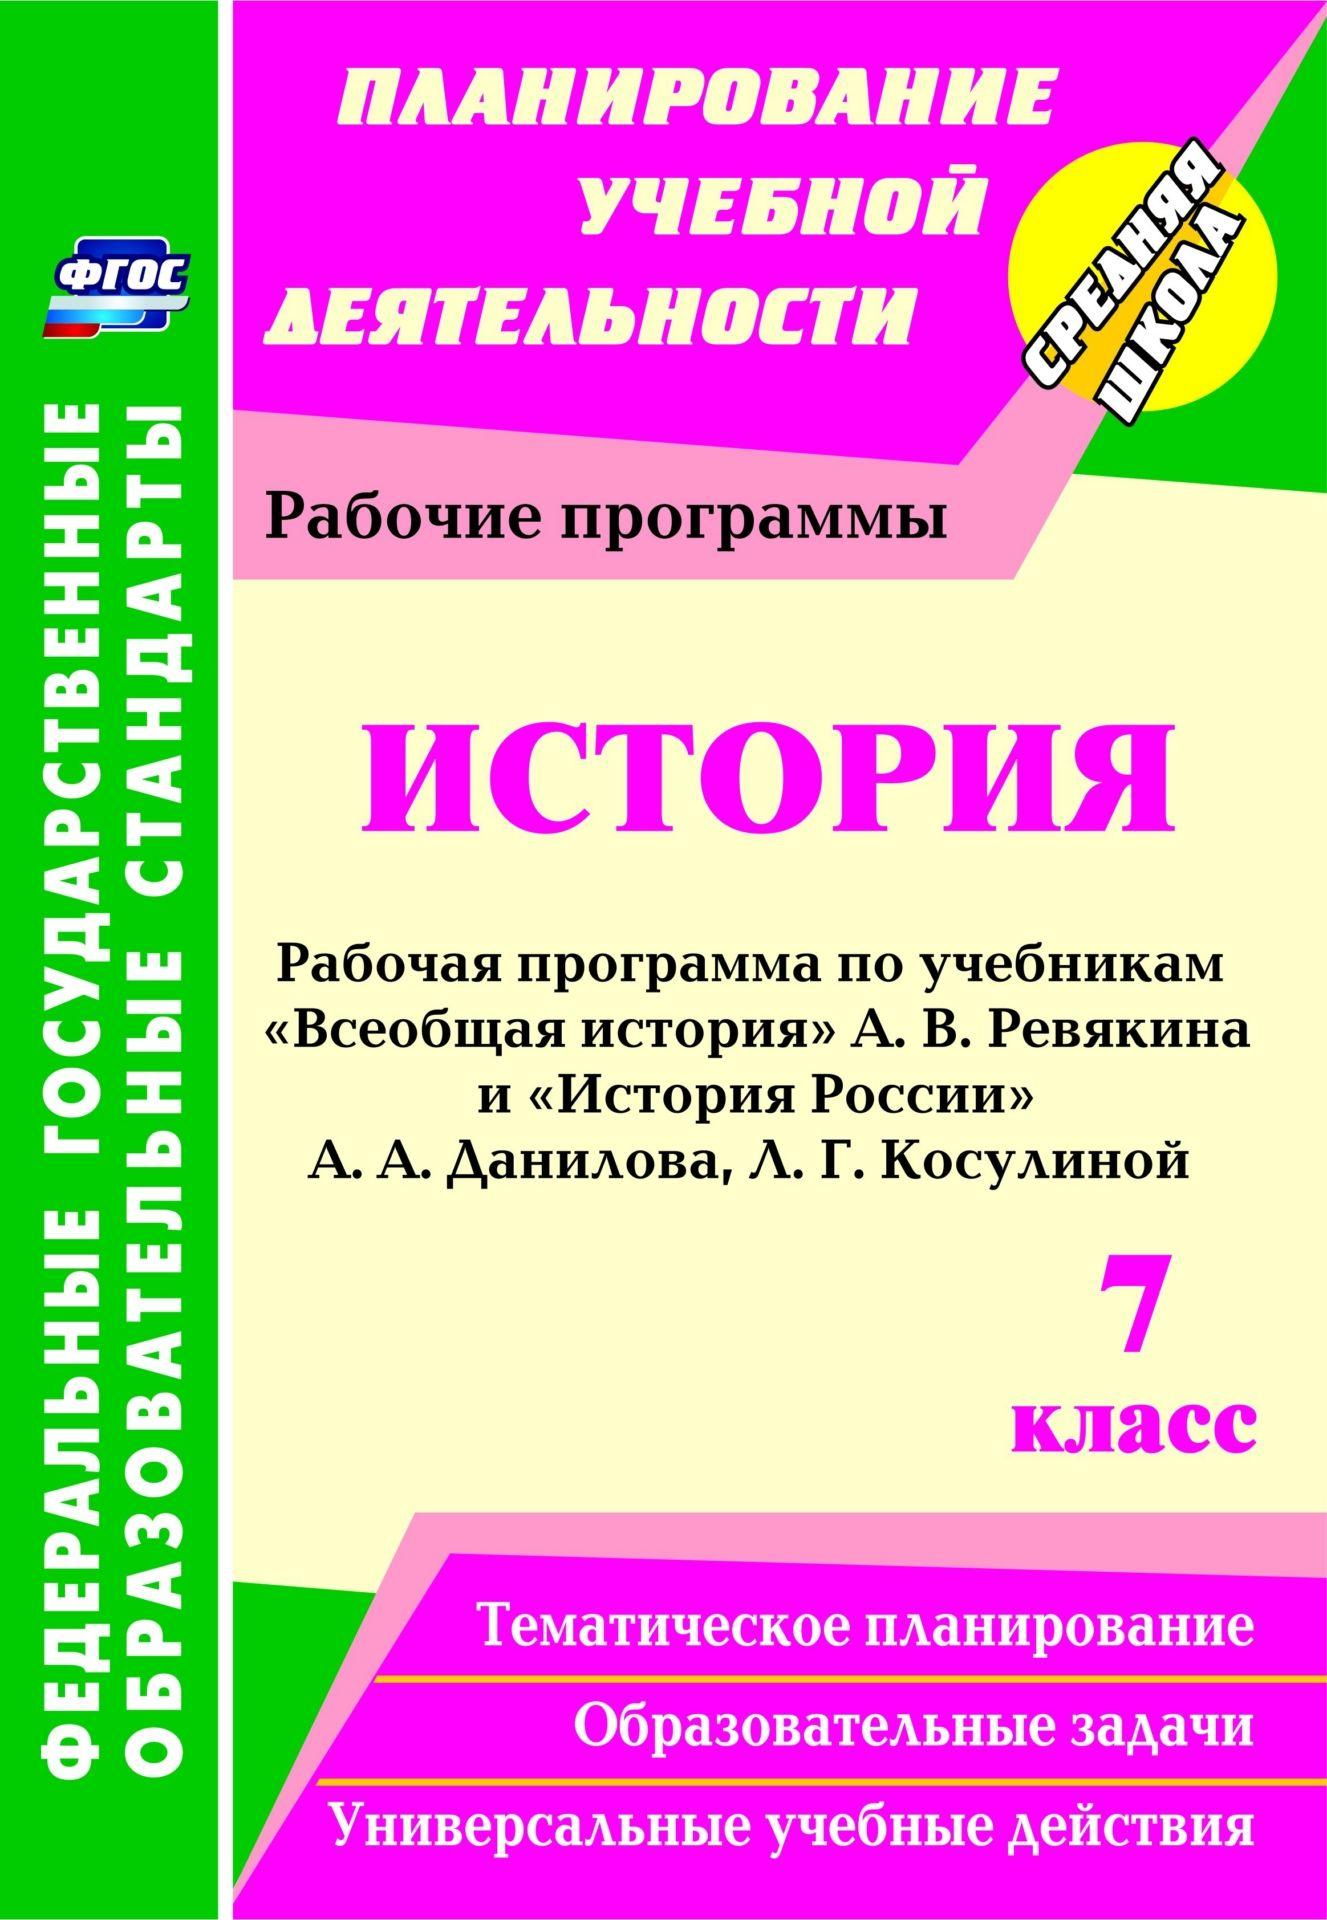 История. 7 класс: рабочая программа по учебникам А. В. Ревякина и А. А. Данилова, Л. Г. Косулиной